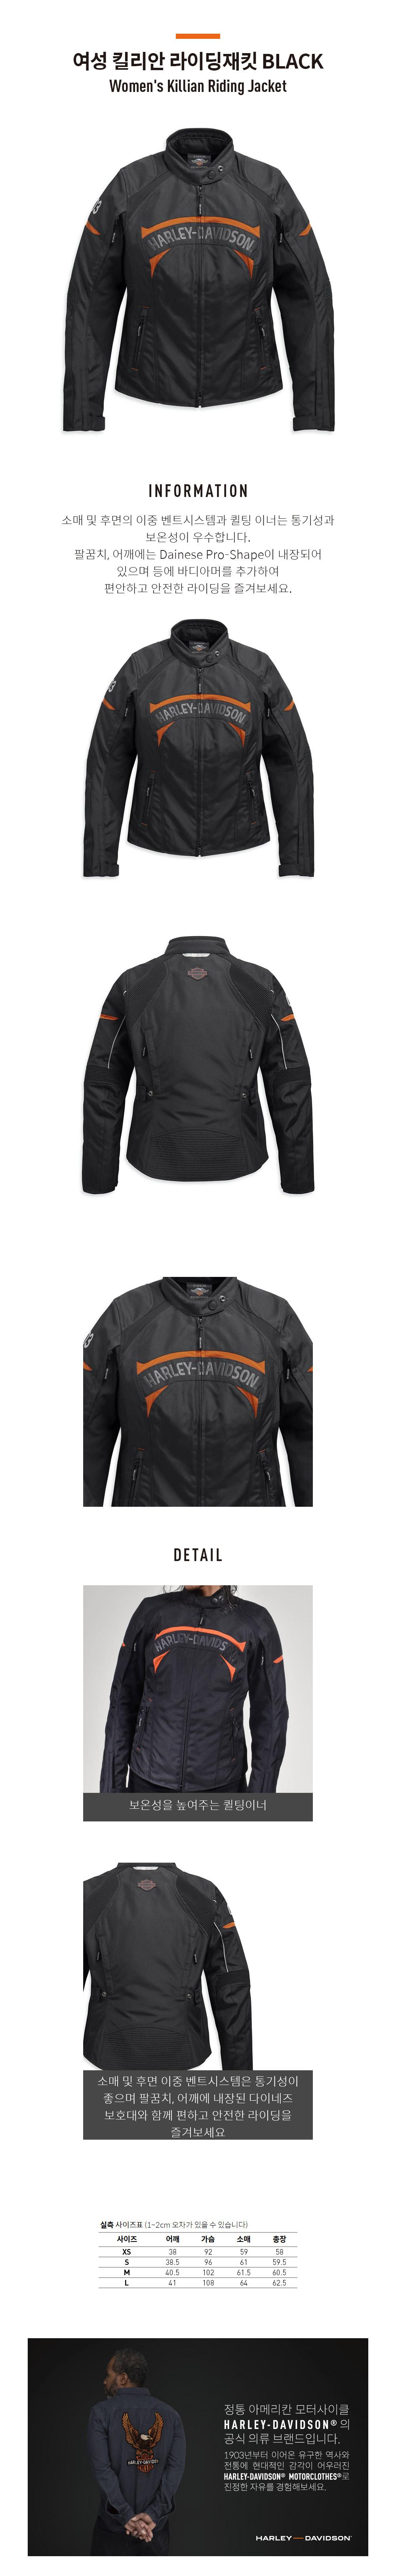 여성 킬리안 라이딩재킷 BLACK